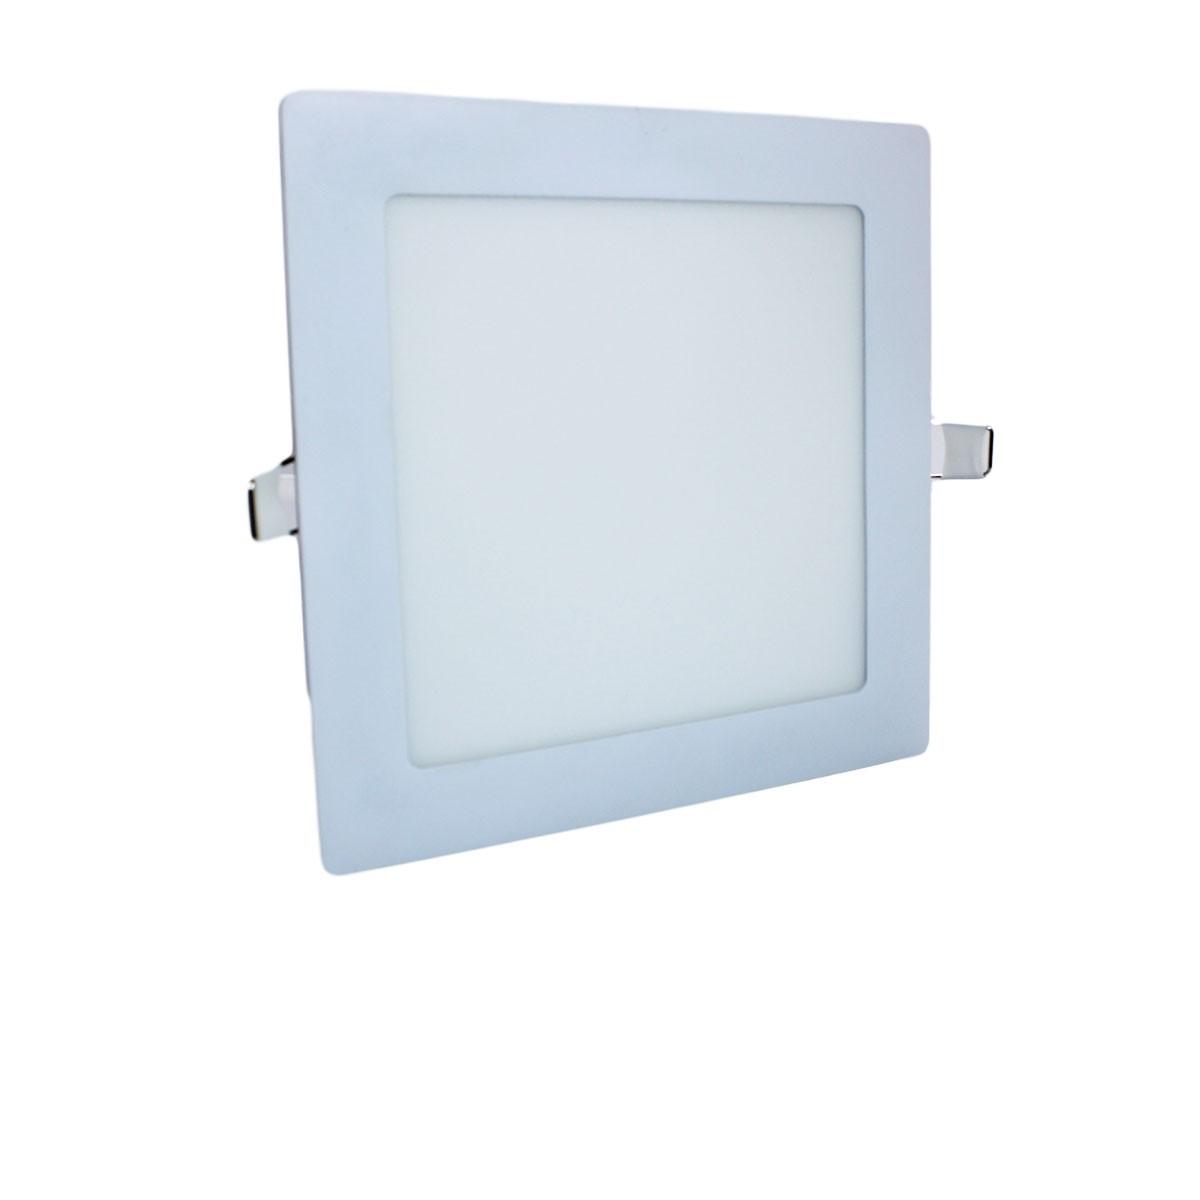 Luminária Paflon Embutir 12w Quadrado Slim Branco Frio